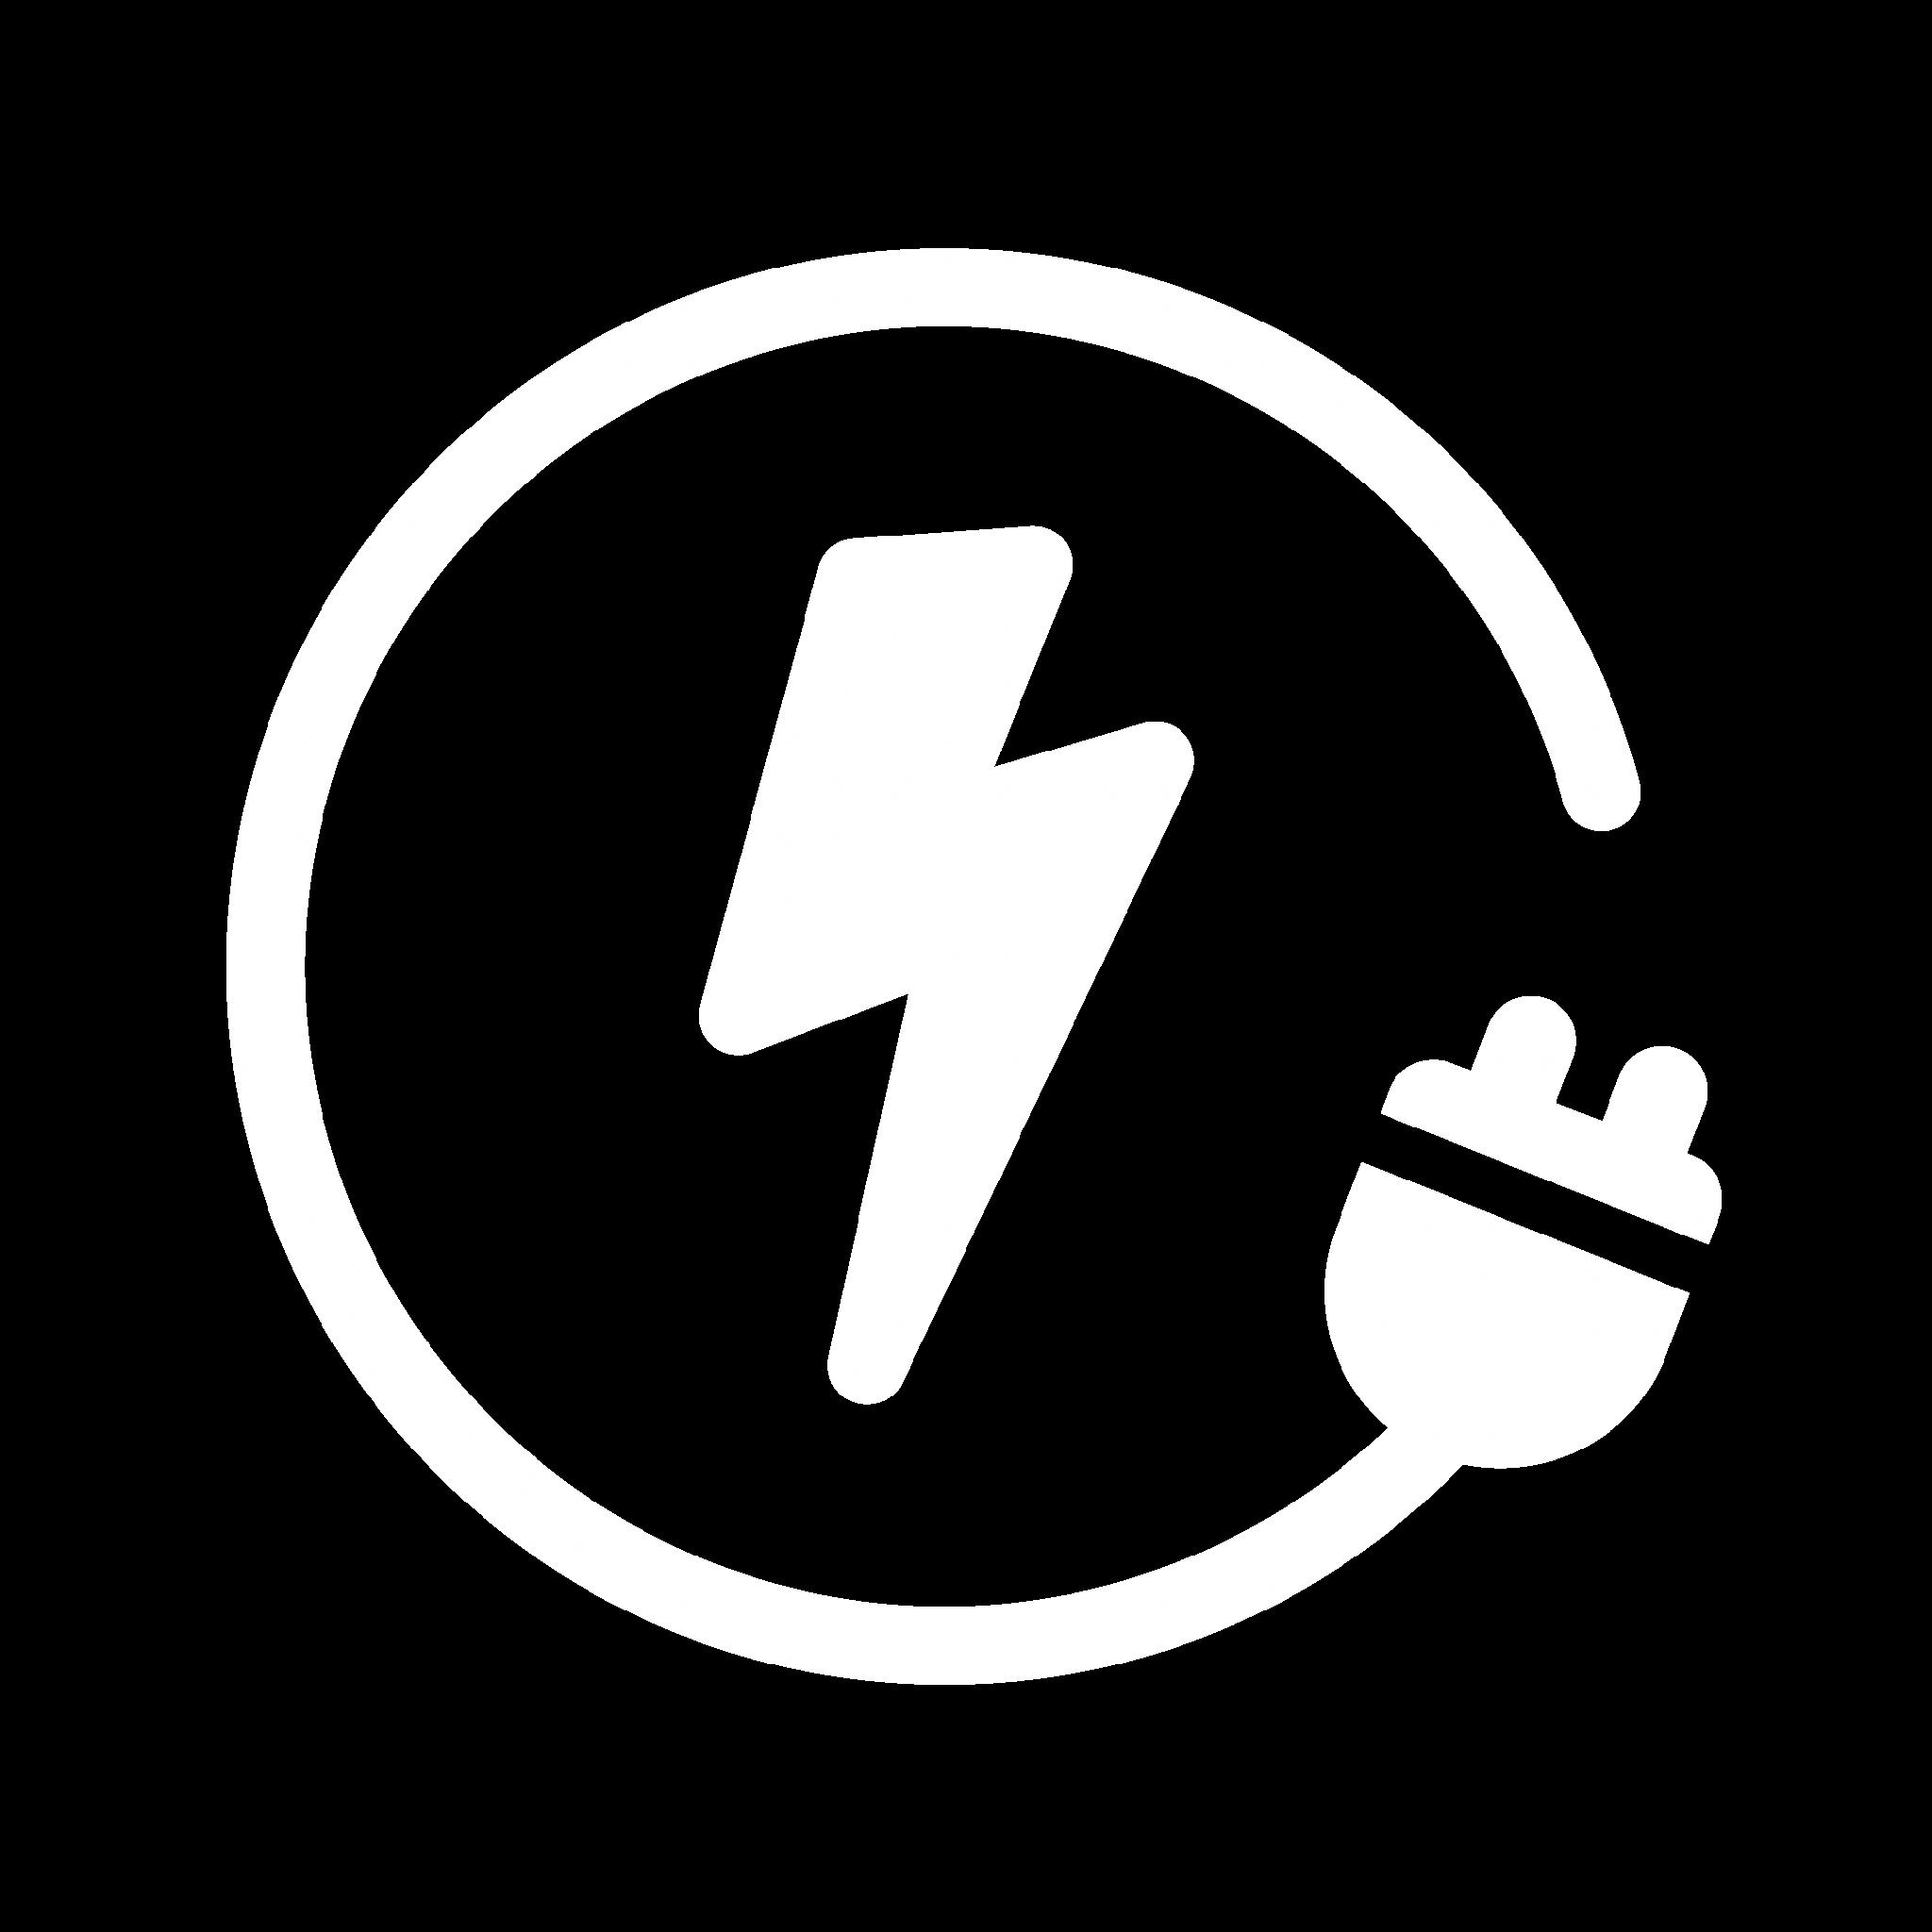 CIS Icon Energiewirtschaft weiß